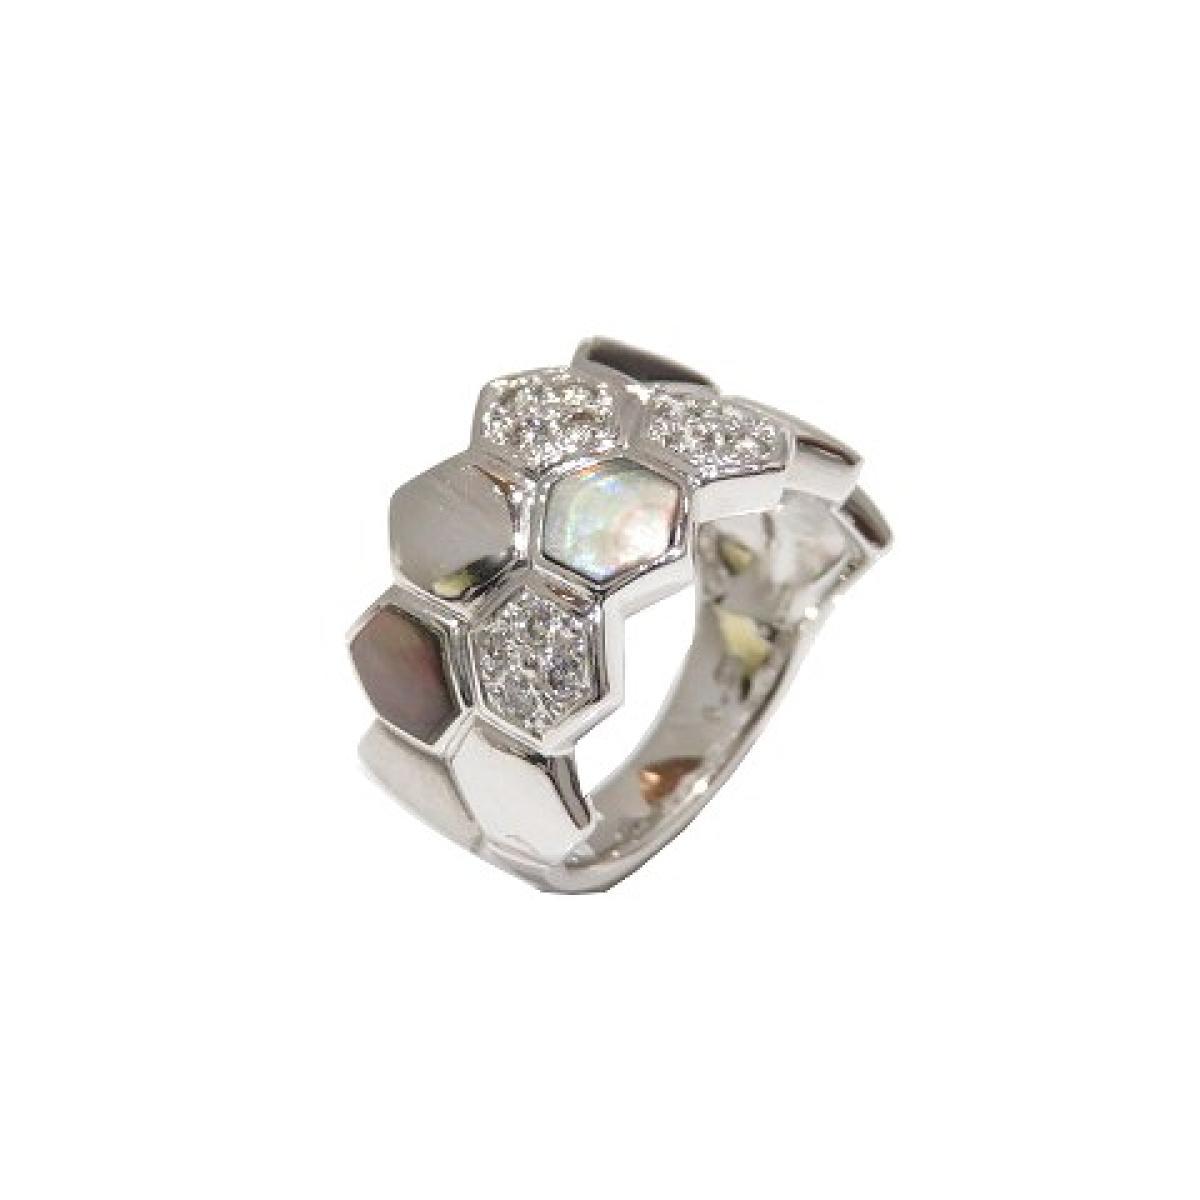 JEWELRY(ジュエリー)/ダイヤモンド リング 指輪/リング//K18WG(750)ホワイトゴールド×ダイヤモンド(0.20ct)×シェル/【ランクA】/12号【中古】